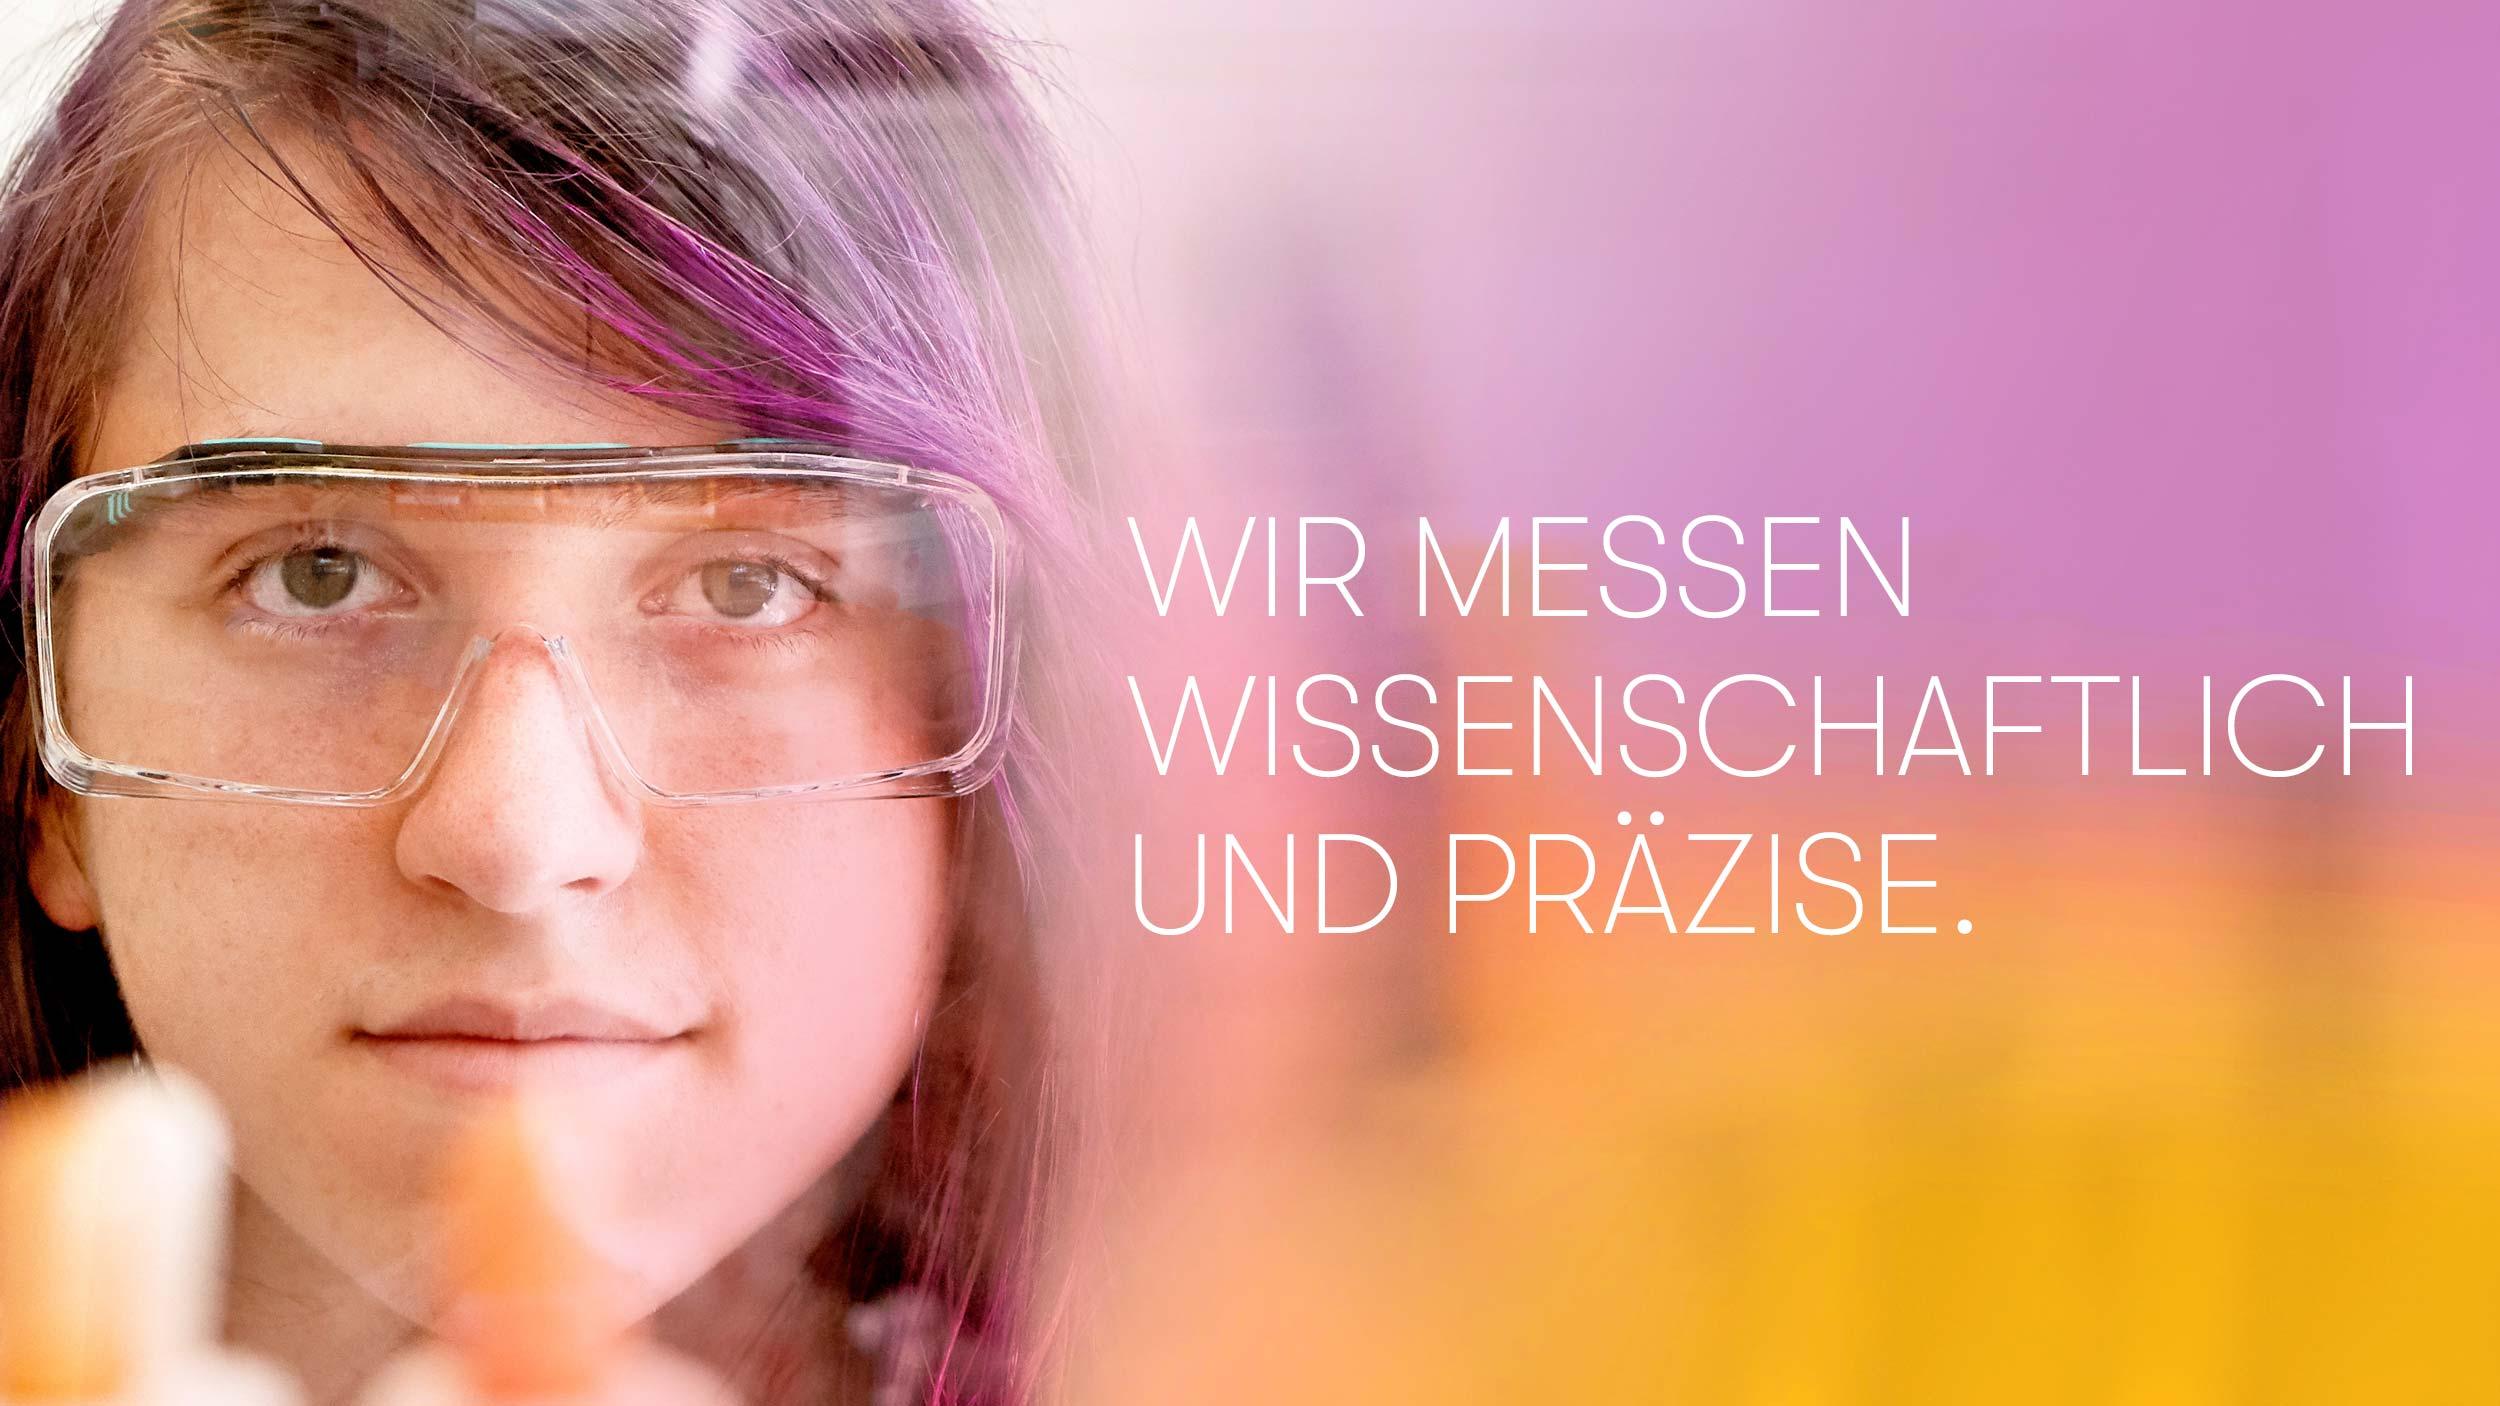 SOILON_Web_Gesicht_01_farbig_2a